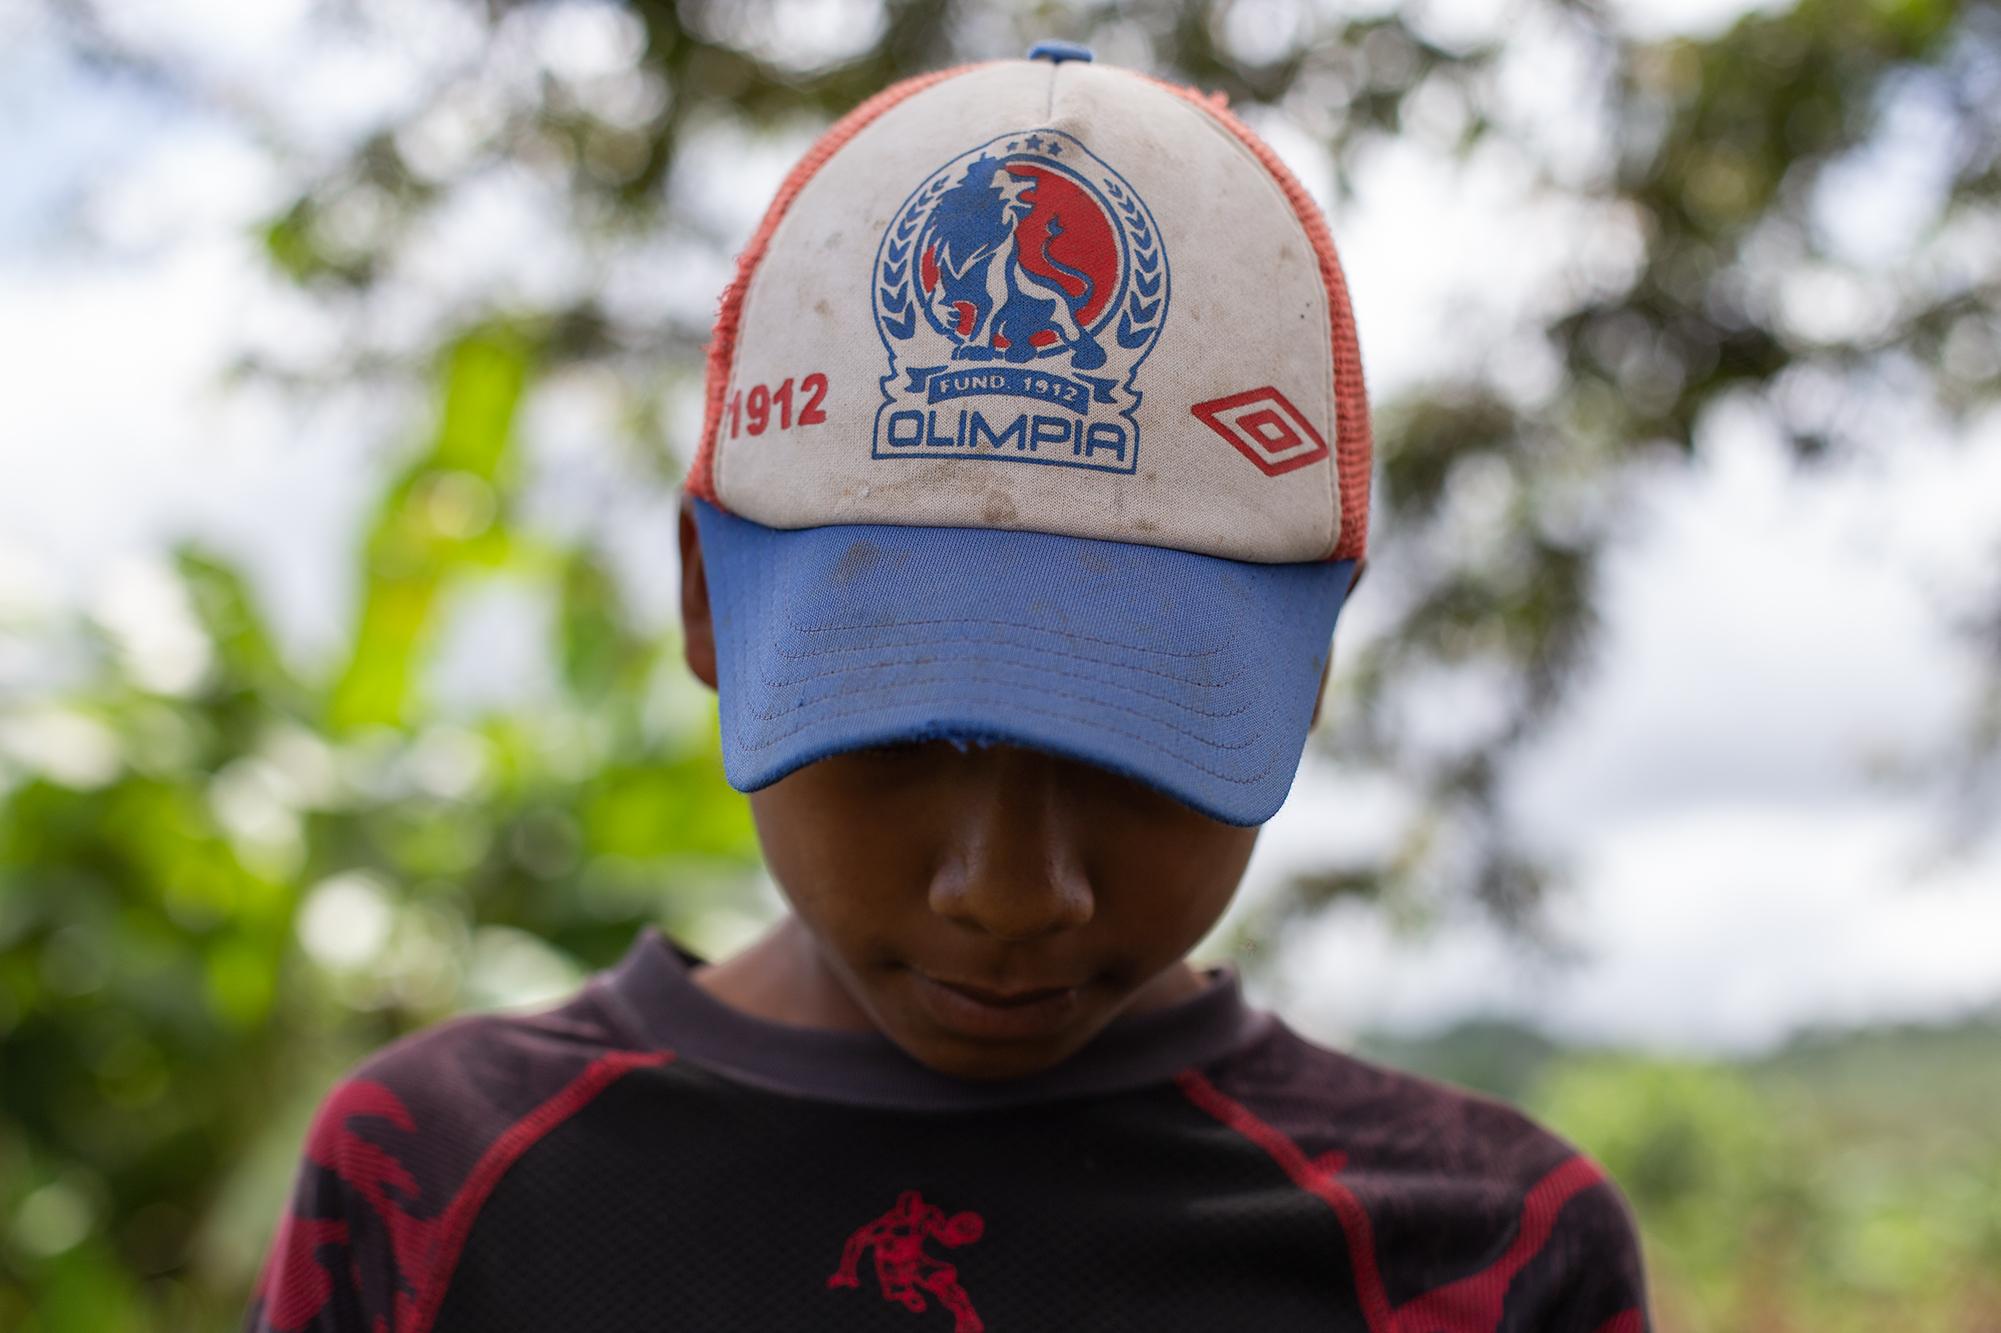 Yefri, de 13 años de edad, es uno de los hijos menores de Doris. Se le nota incómodo cuando su madre cuenta su historia de violencia. San Pedro de Tutule, La Paz, 19 de octubre de 2020. Foto: Martín Cálix.